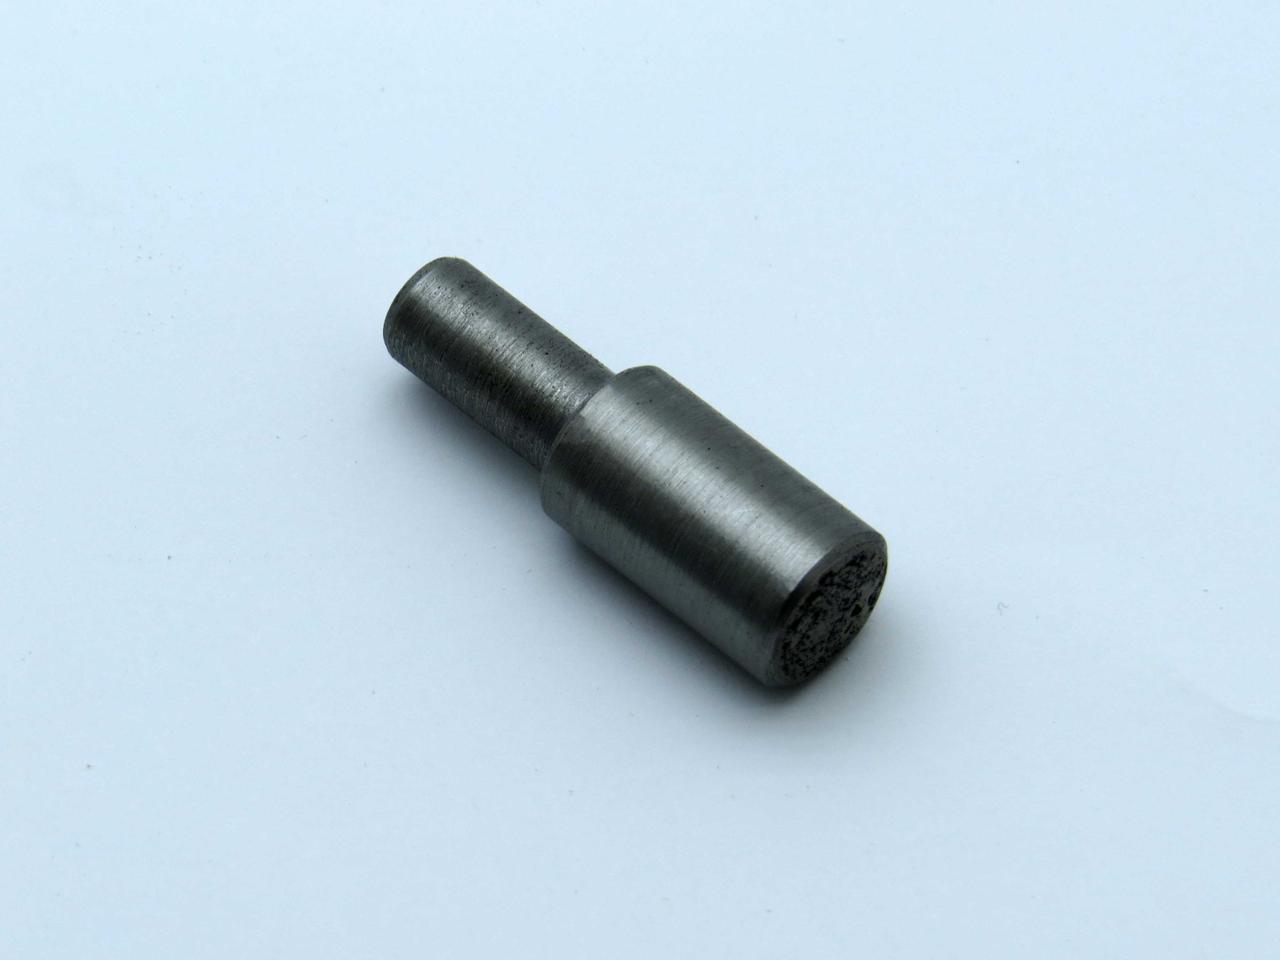 Алмазный правящий карандаш Тип02 исп.С 30х4 - 3.60кт.